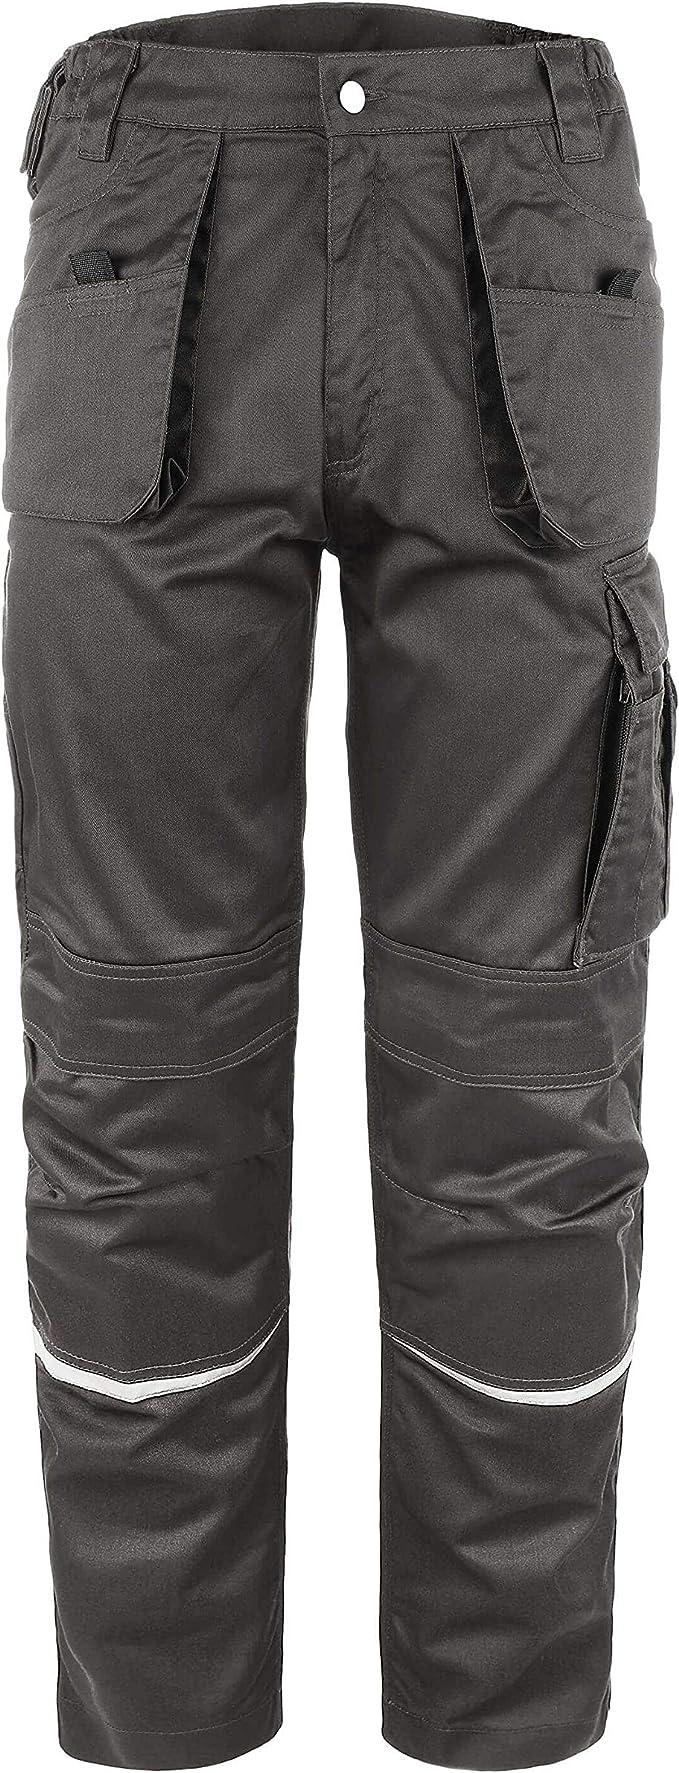 TMG/® Herren Arbeitshose Cargo Bundhose mit Kniepolster-Taschen